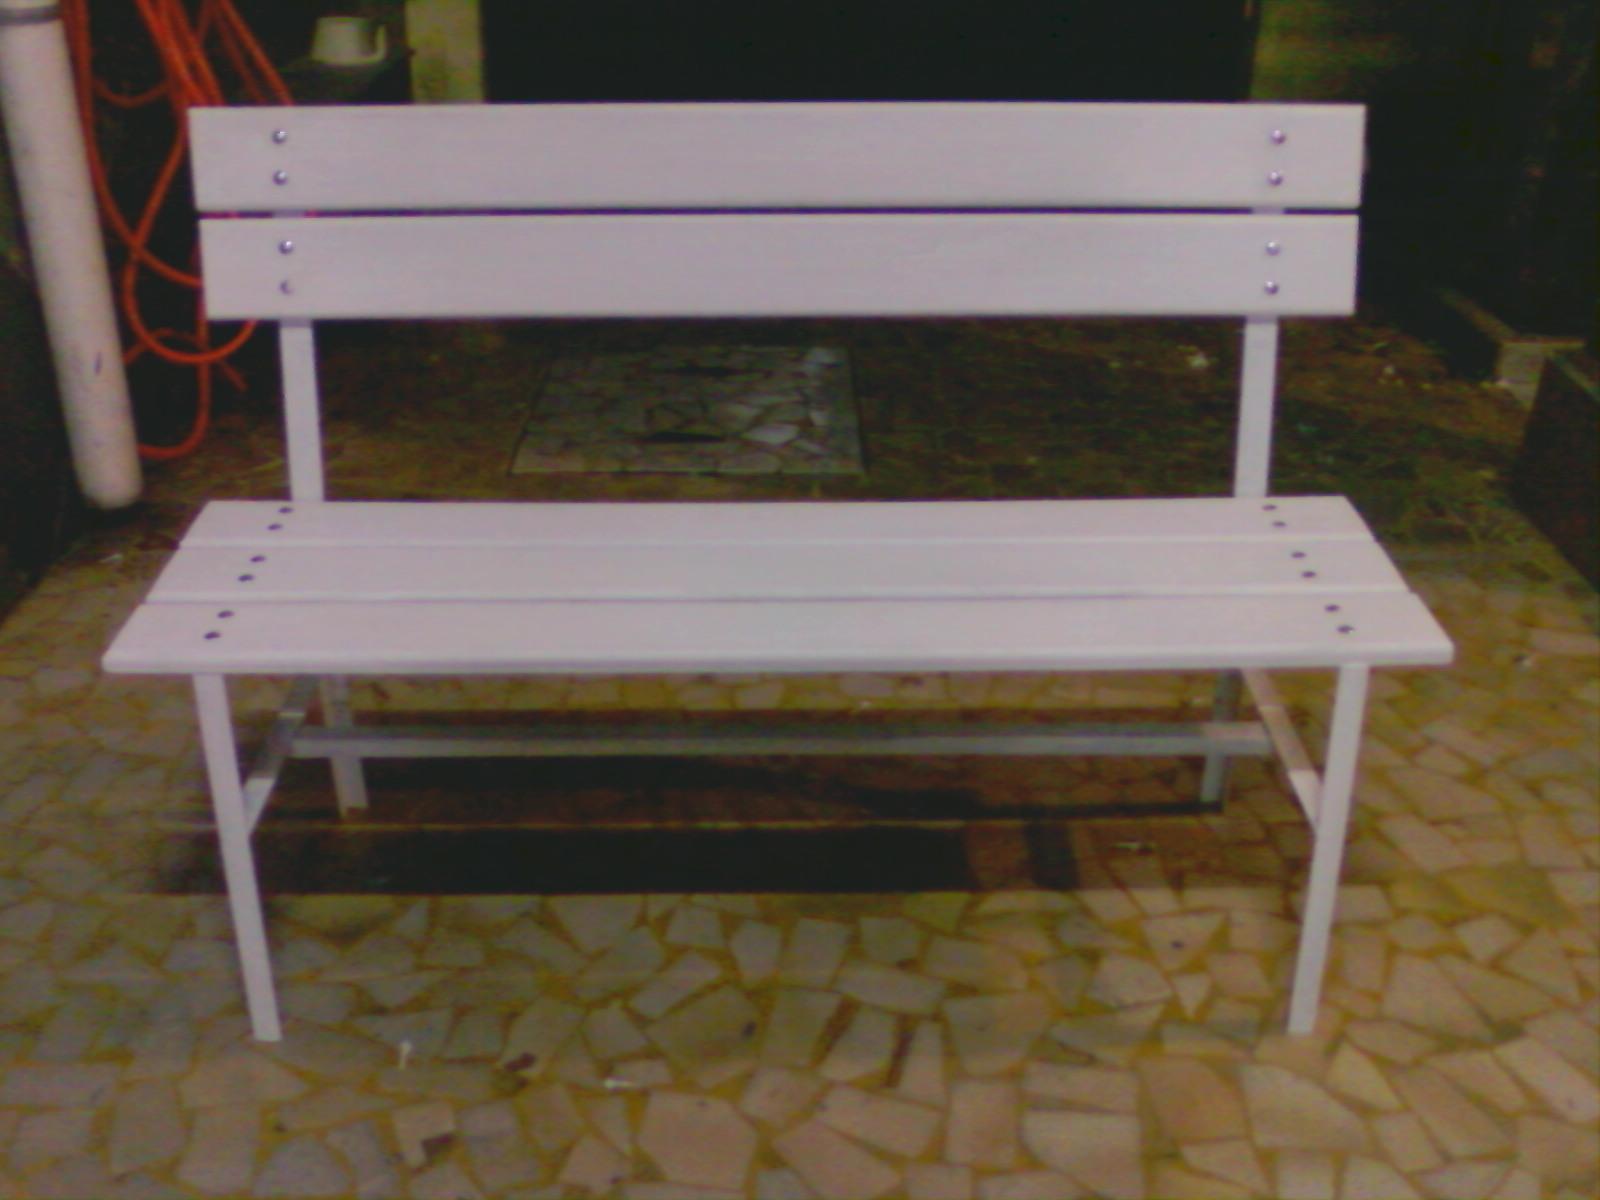 banco de madeira para jardim branco:sexta feira 11 de junho de 2010 #614C2C 1600x1200